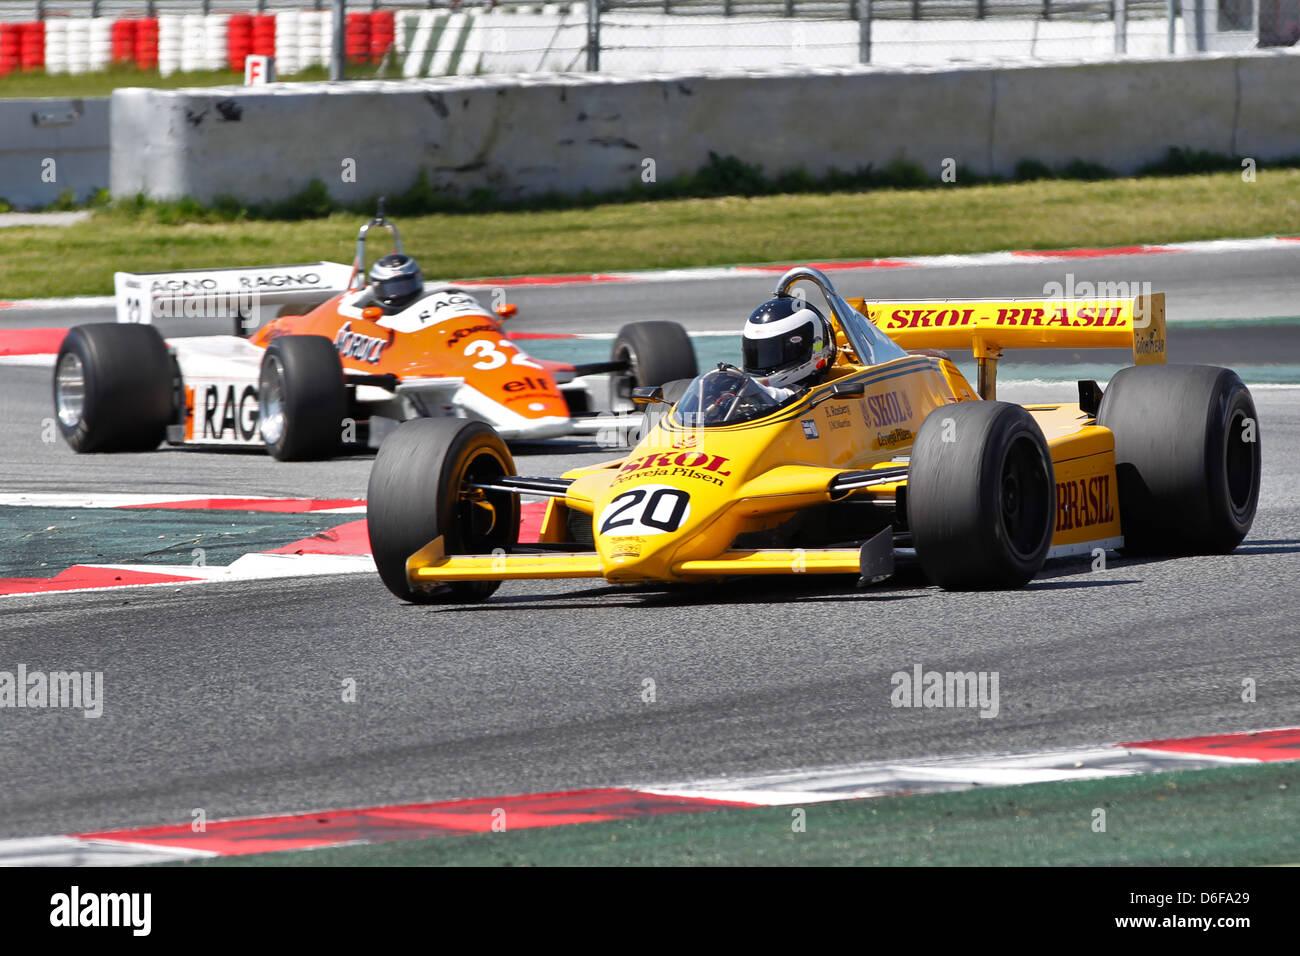 FIA Masters Historic Formula One race at Montmelo 12th April 2013 - Jean-Michel Martin in 1980 Fittipaldi F8 - Stock Image